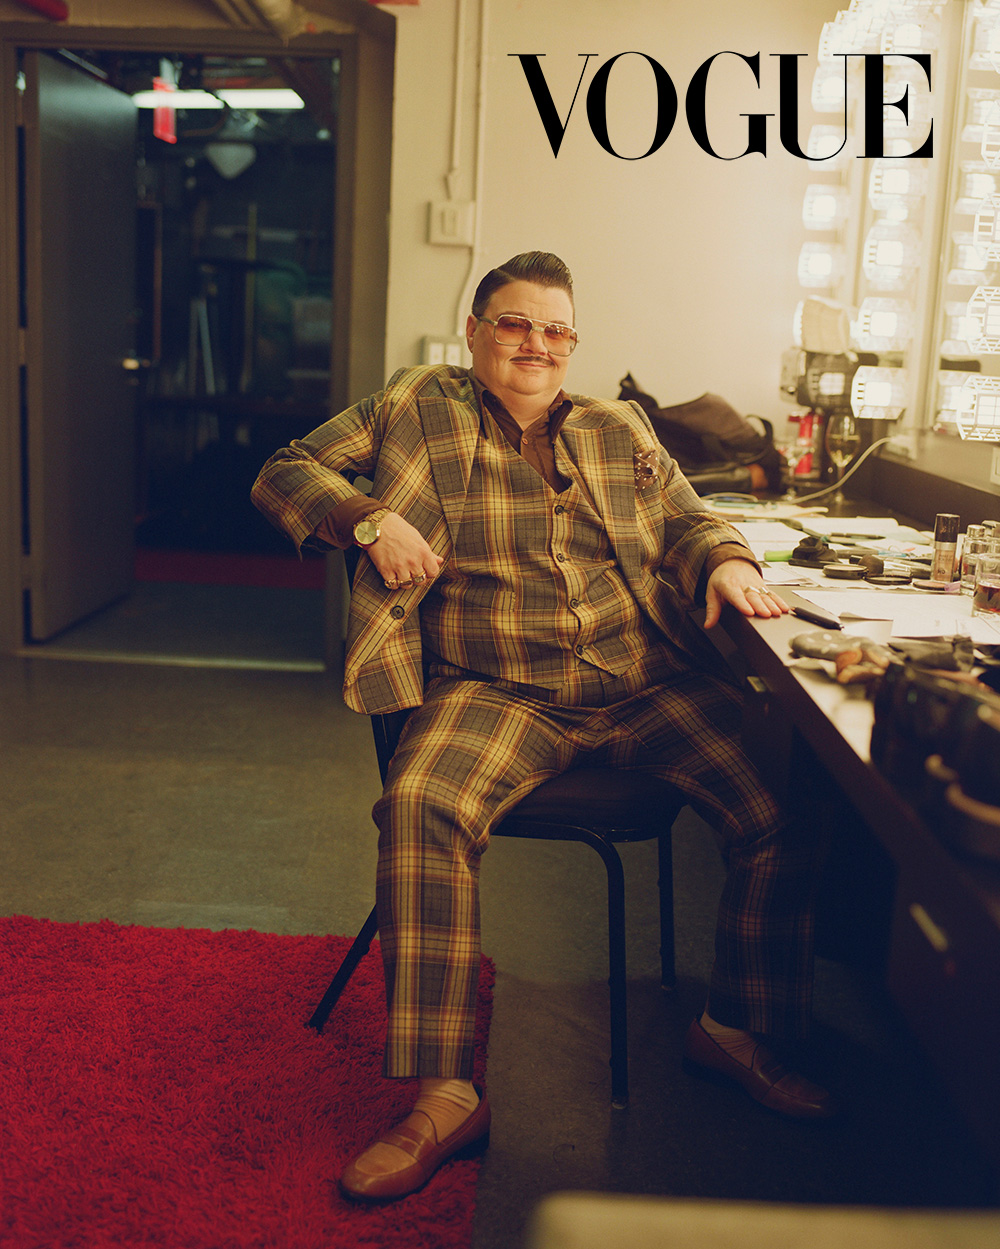 Murray_Vogue-stef-mitchell.jpg